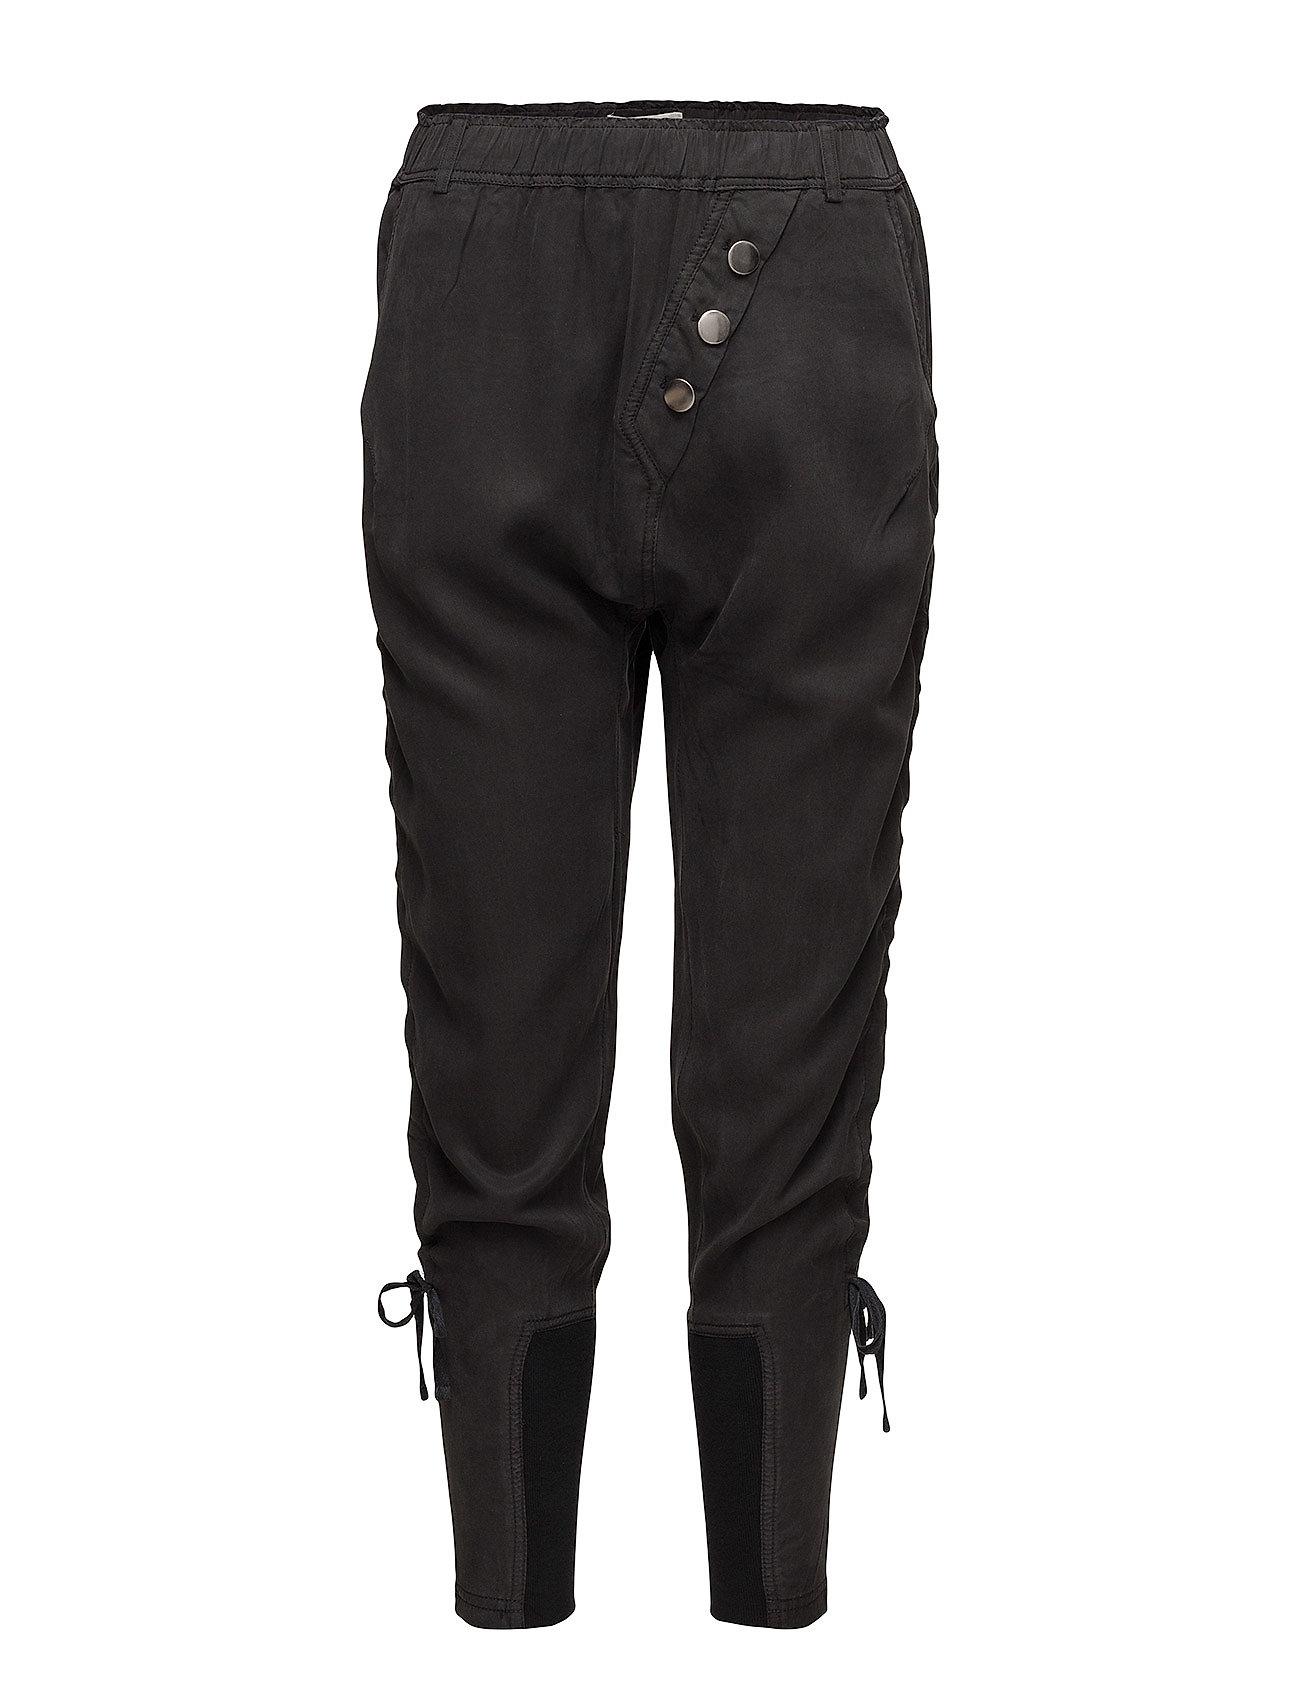 Sillian Pants Casual Bukser Sort Cream